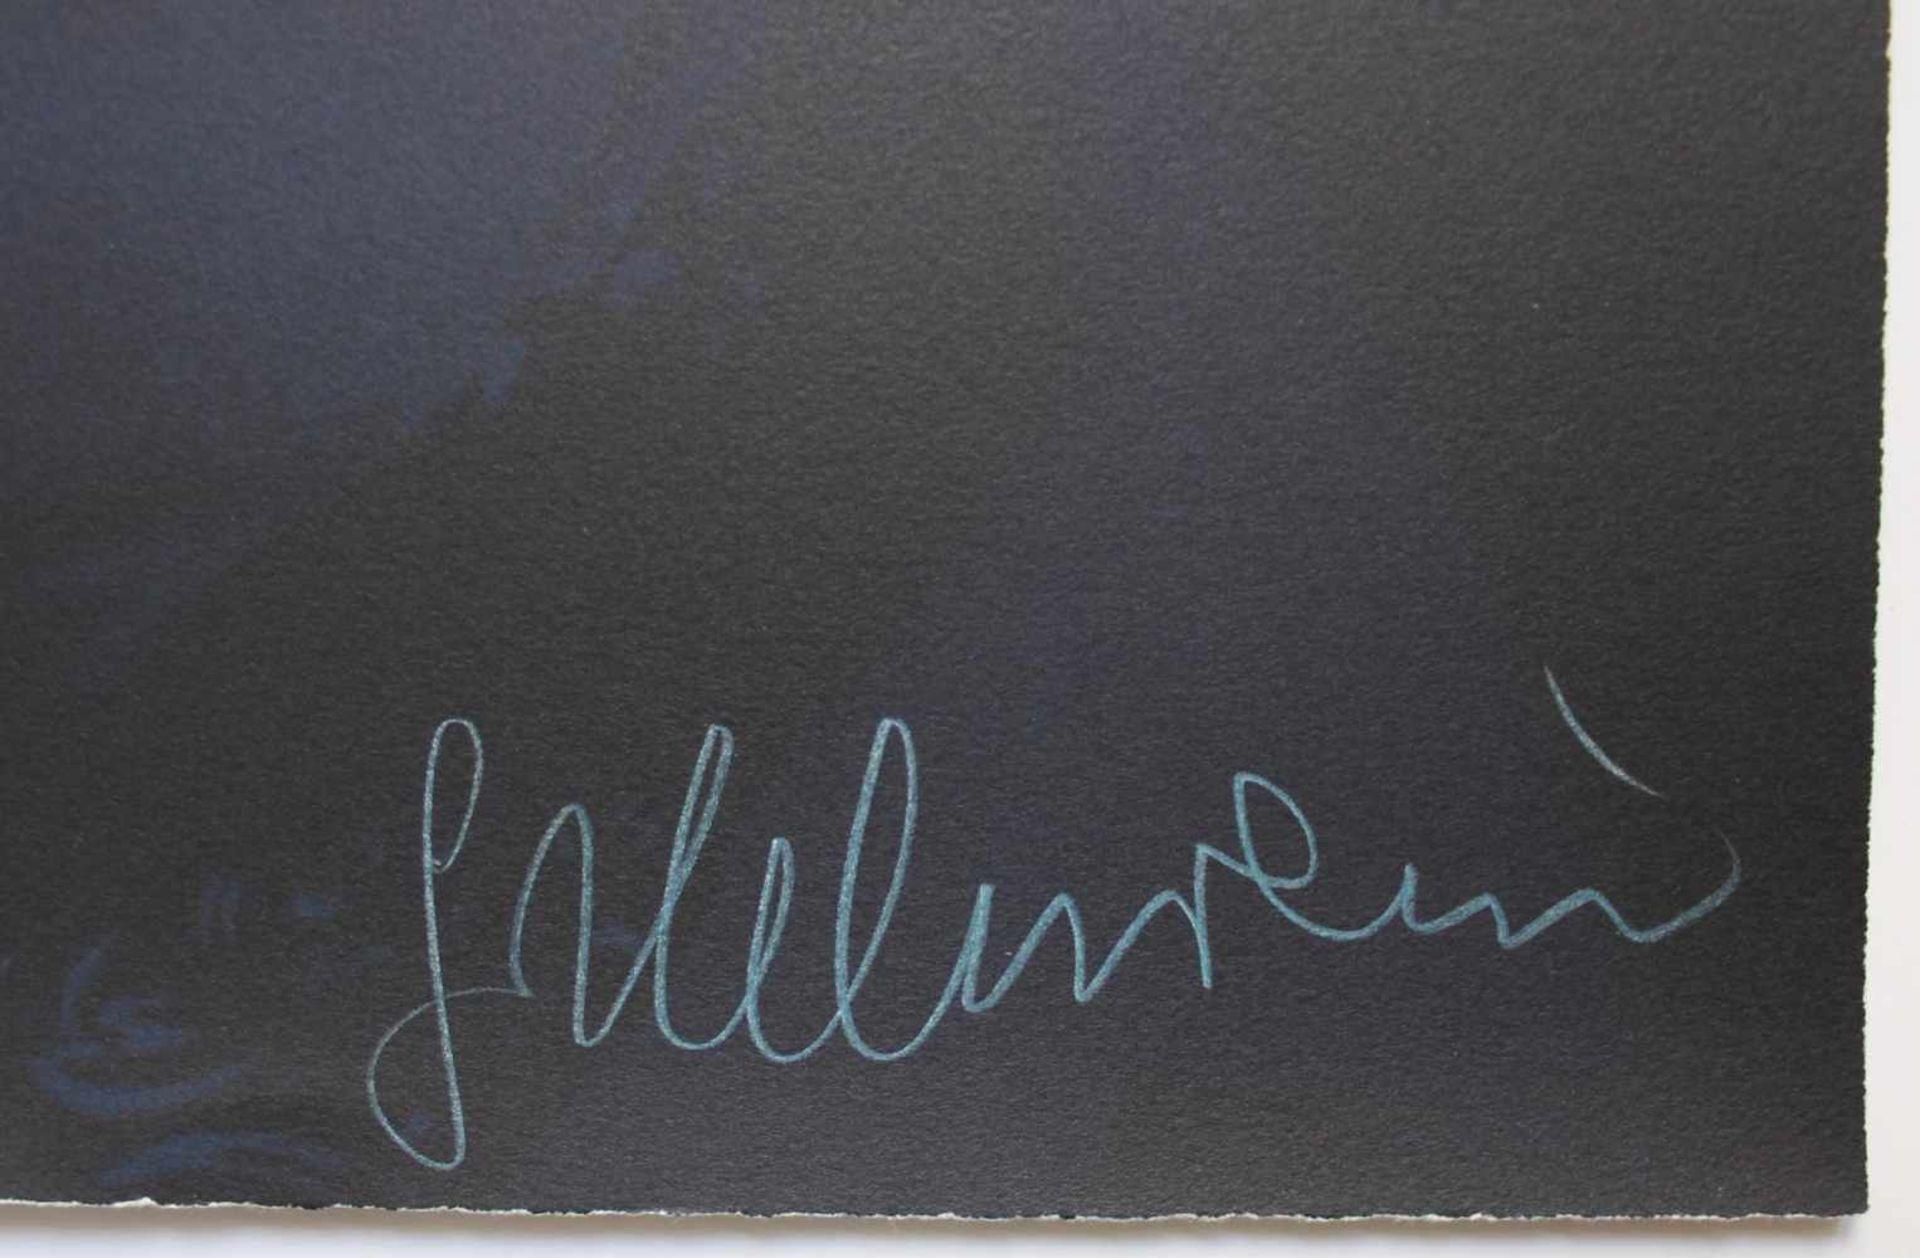 Gottfried Helnwein geb. 1948 Jean Tinguely dunkel Farblithographie handsigniert, nummeriert E.A. - Bild 2 aus 3